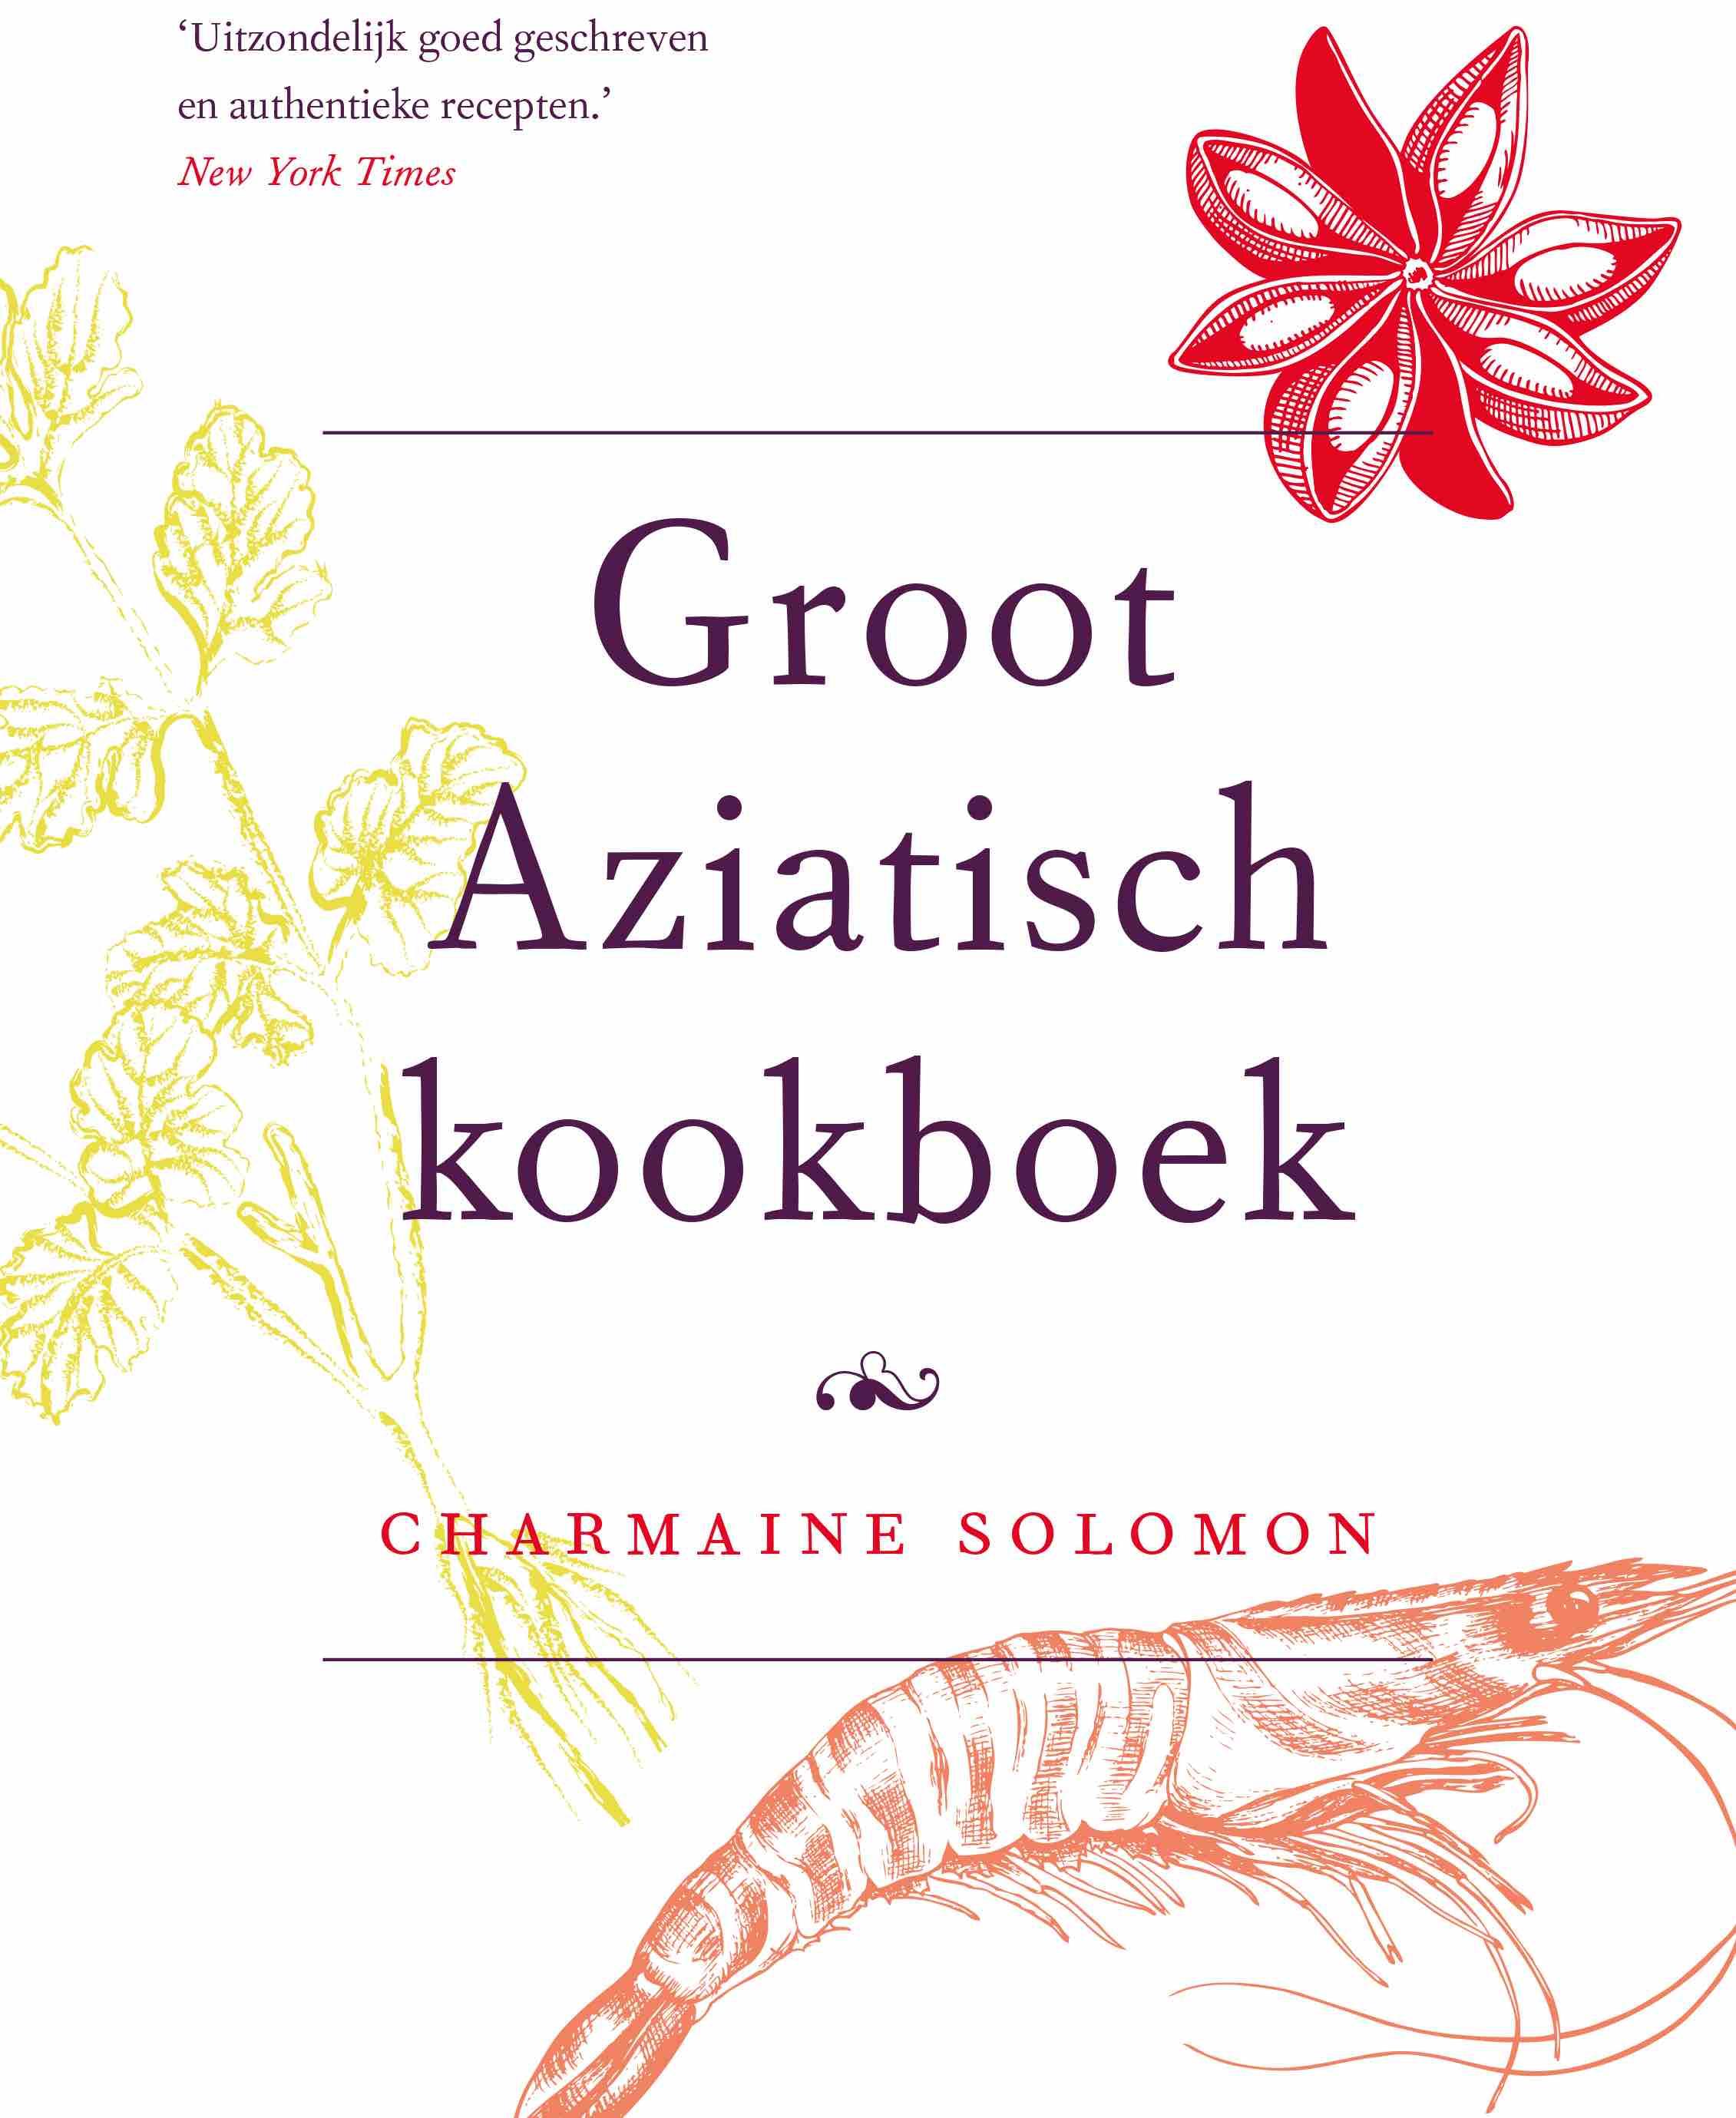 Groot Aziatisch kookboek